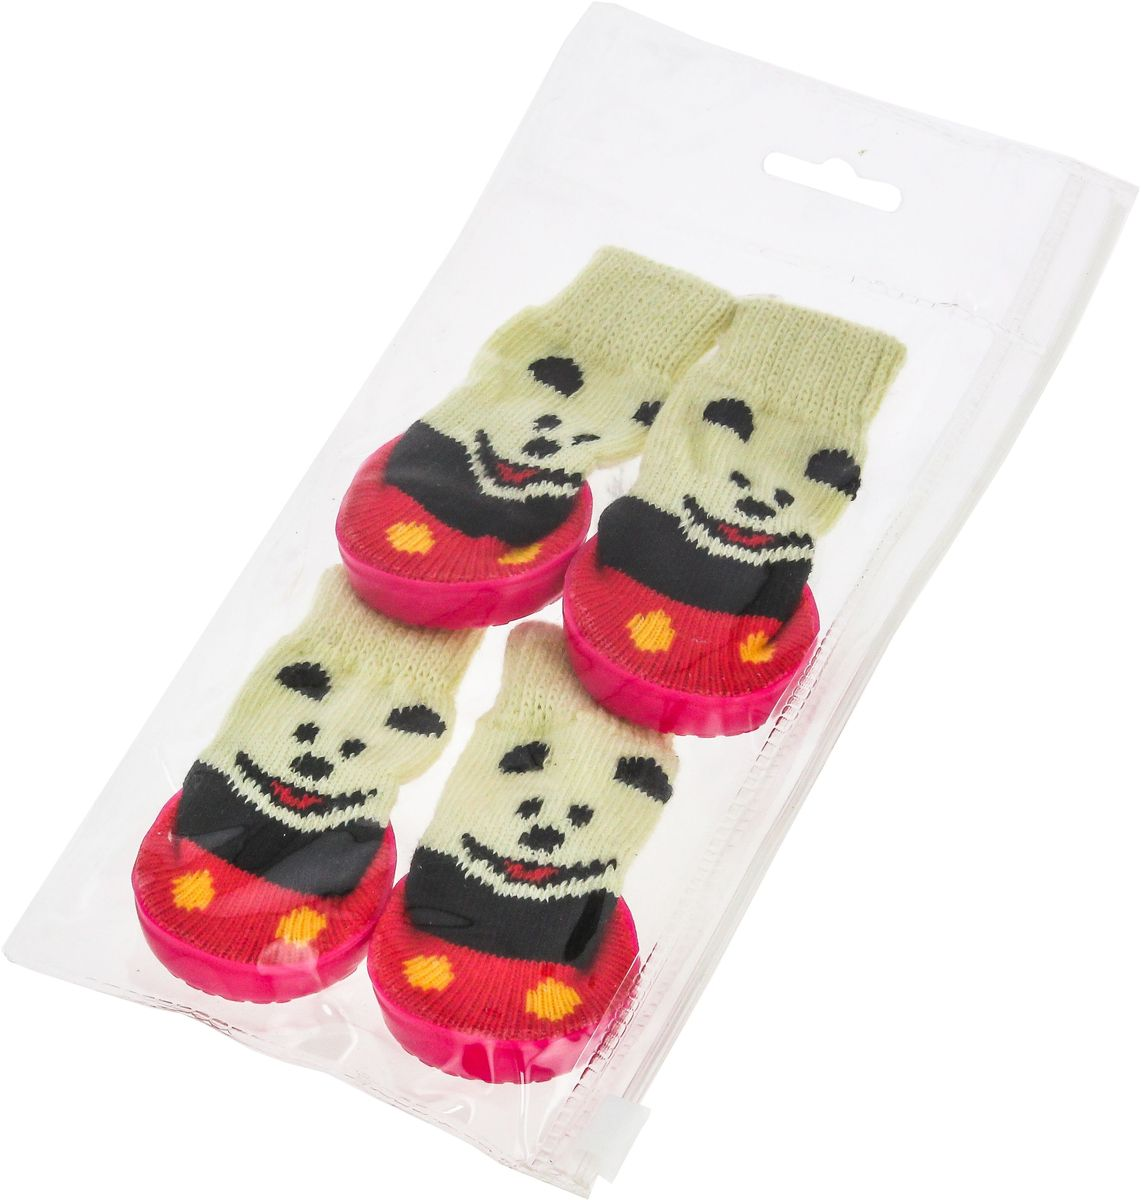 Носки для собак Каскад, унисекс, цвет: красный, черный, бежевый. Размер XS28000186-02Носки для собак Каскад выполнены из прочной ткани и снабжены прорезиненной подошвой для того, чтобы ваш питомец мог без проблем бегать по скользкой поверхности. Носки имеют удобную резинку, которая плотно облегает лапу. Носки служат защитой лап от истирания о твердое покрытие и защищают лапу после травмы. Конструкция носка анатомически повторяет строение лапы.Одежда для собак: нужна ли она и как её выбрать. Статья OZON Гид